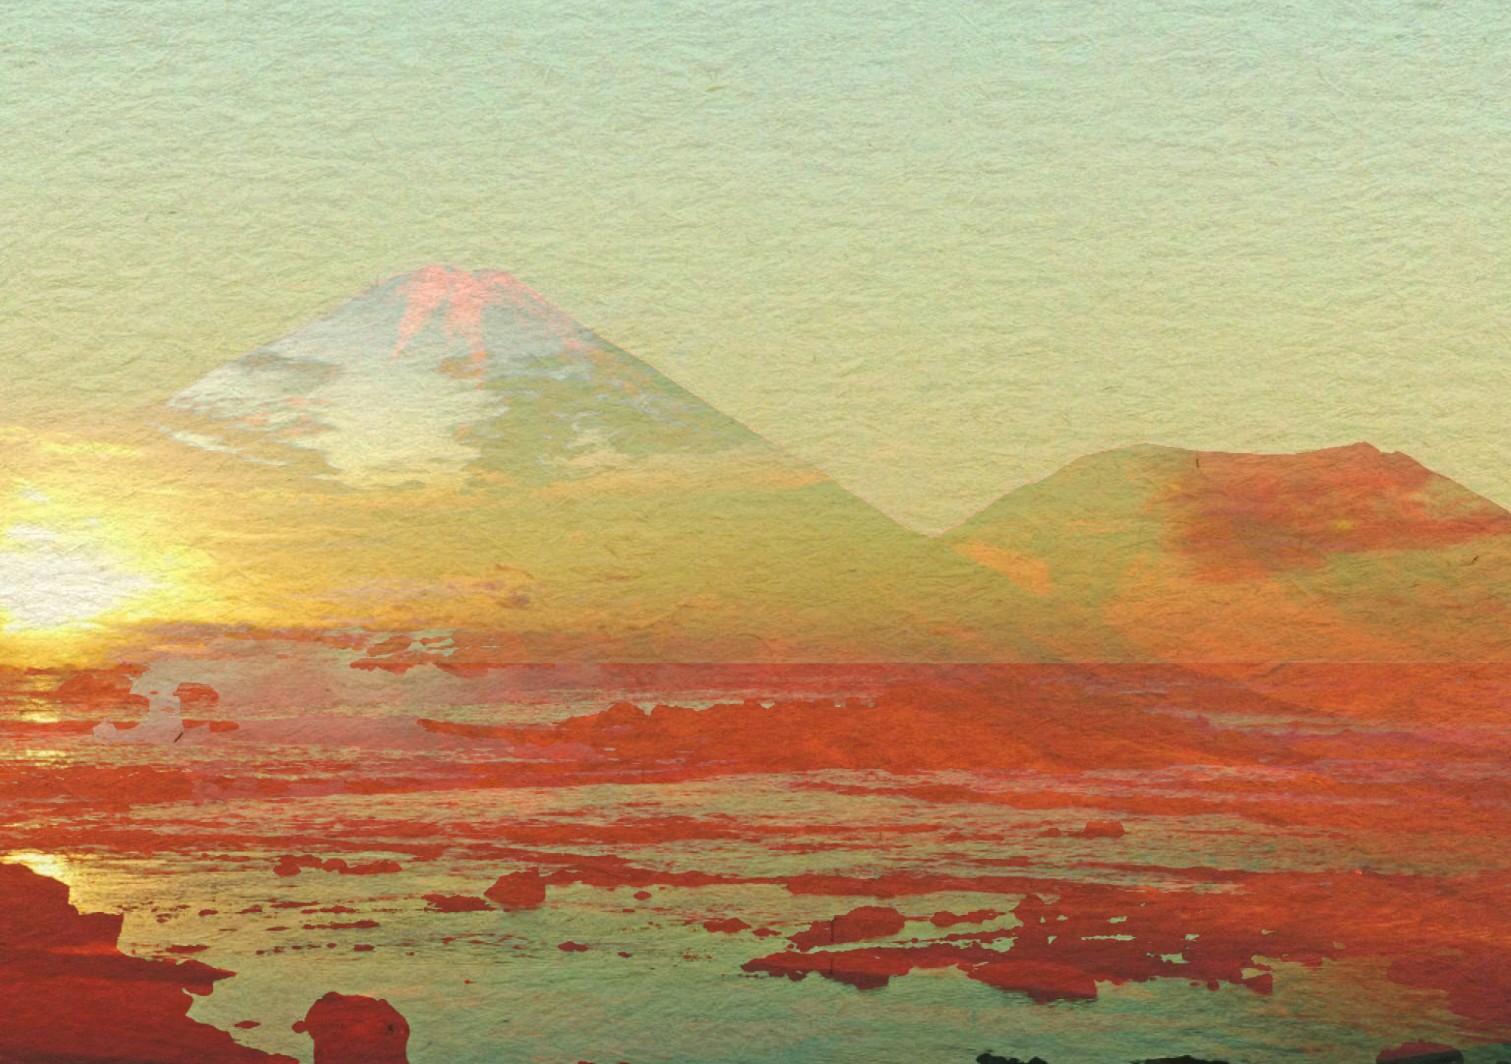 Manipulated photo of desert sunset